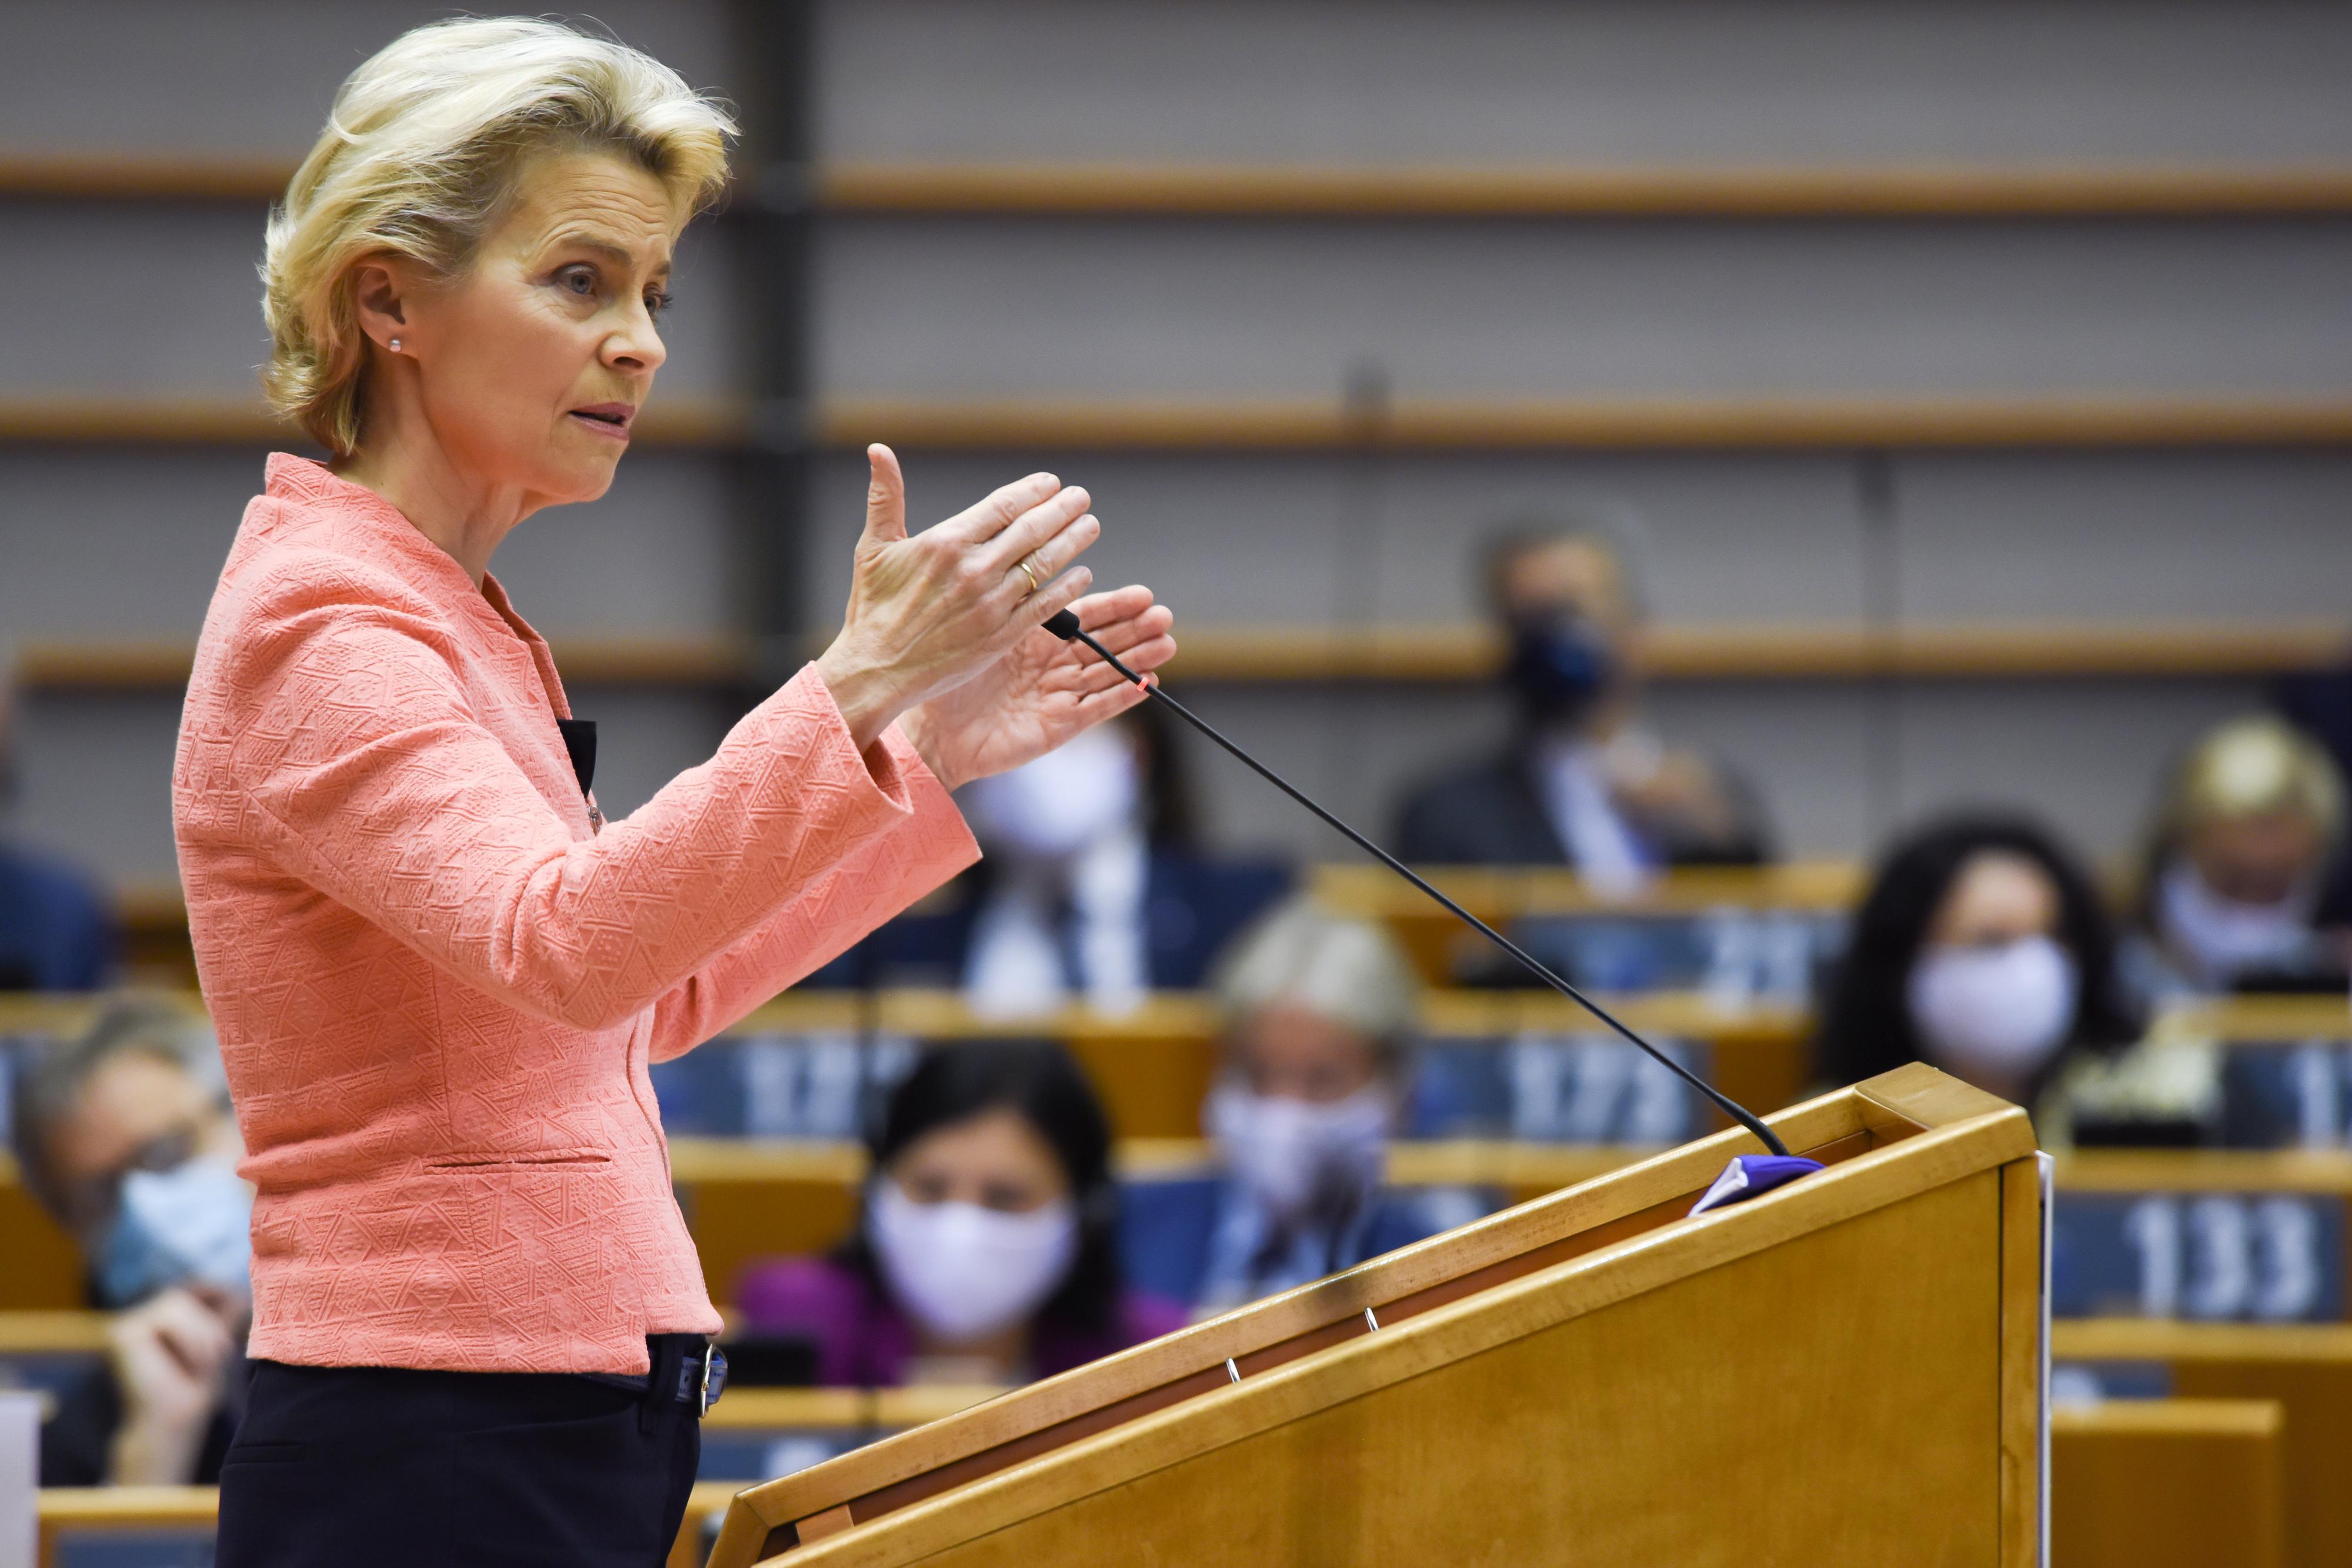 Komission puheenjohtaja Ursula von der Leyen 16. syyskuuta 2020. Kuva: Euroopan unioni 2020